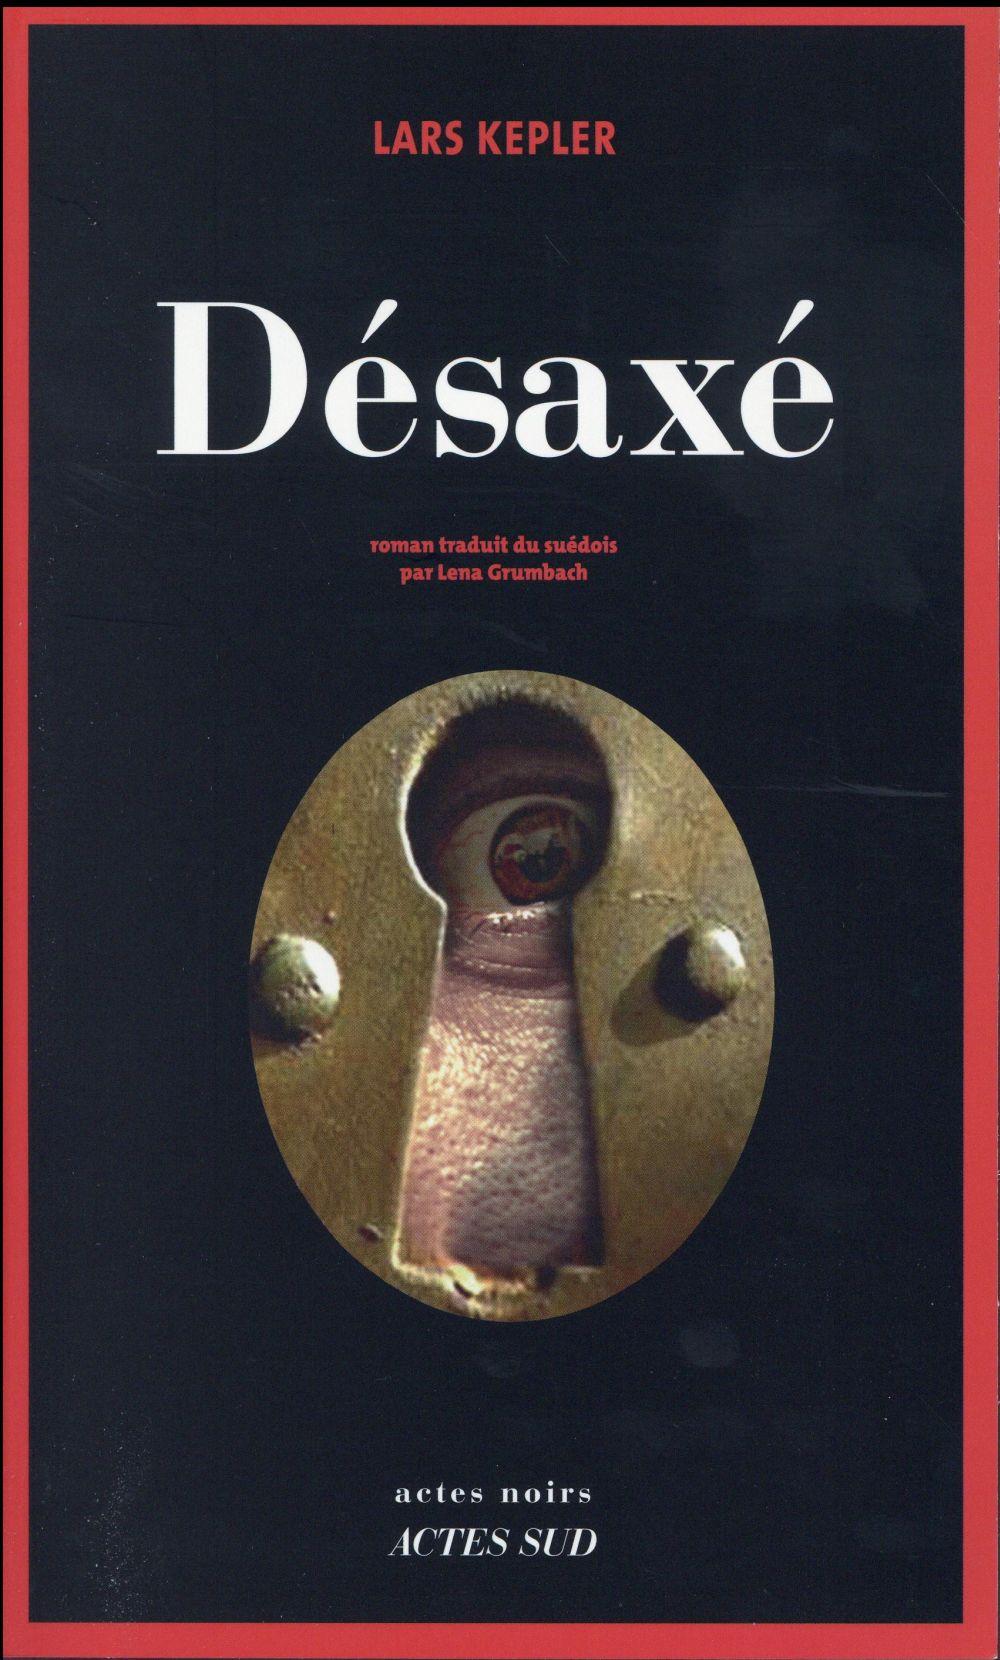 DESAXE